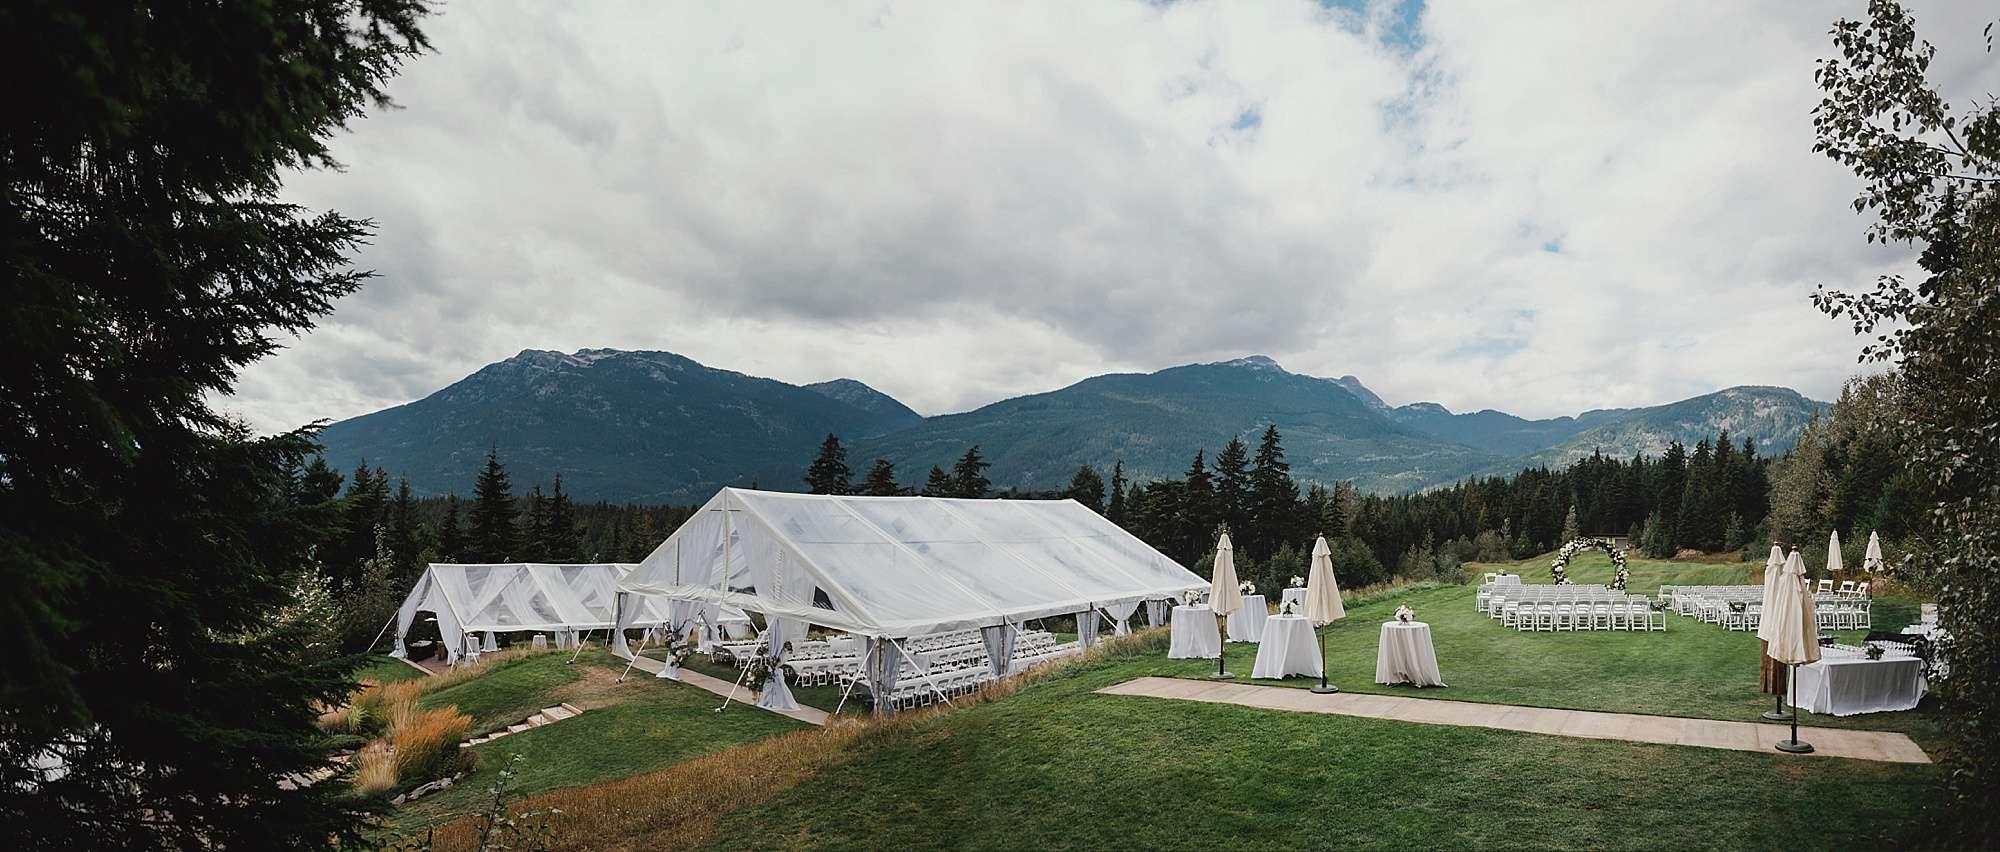 mountain view lawn fairmont chateau whistler wedding venue